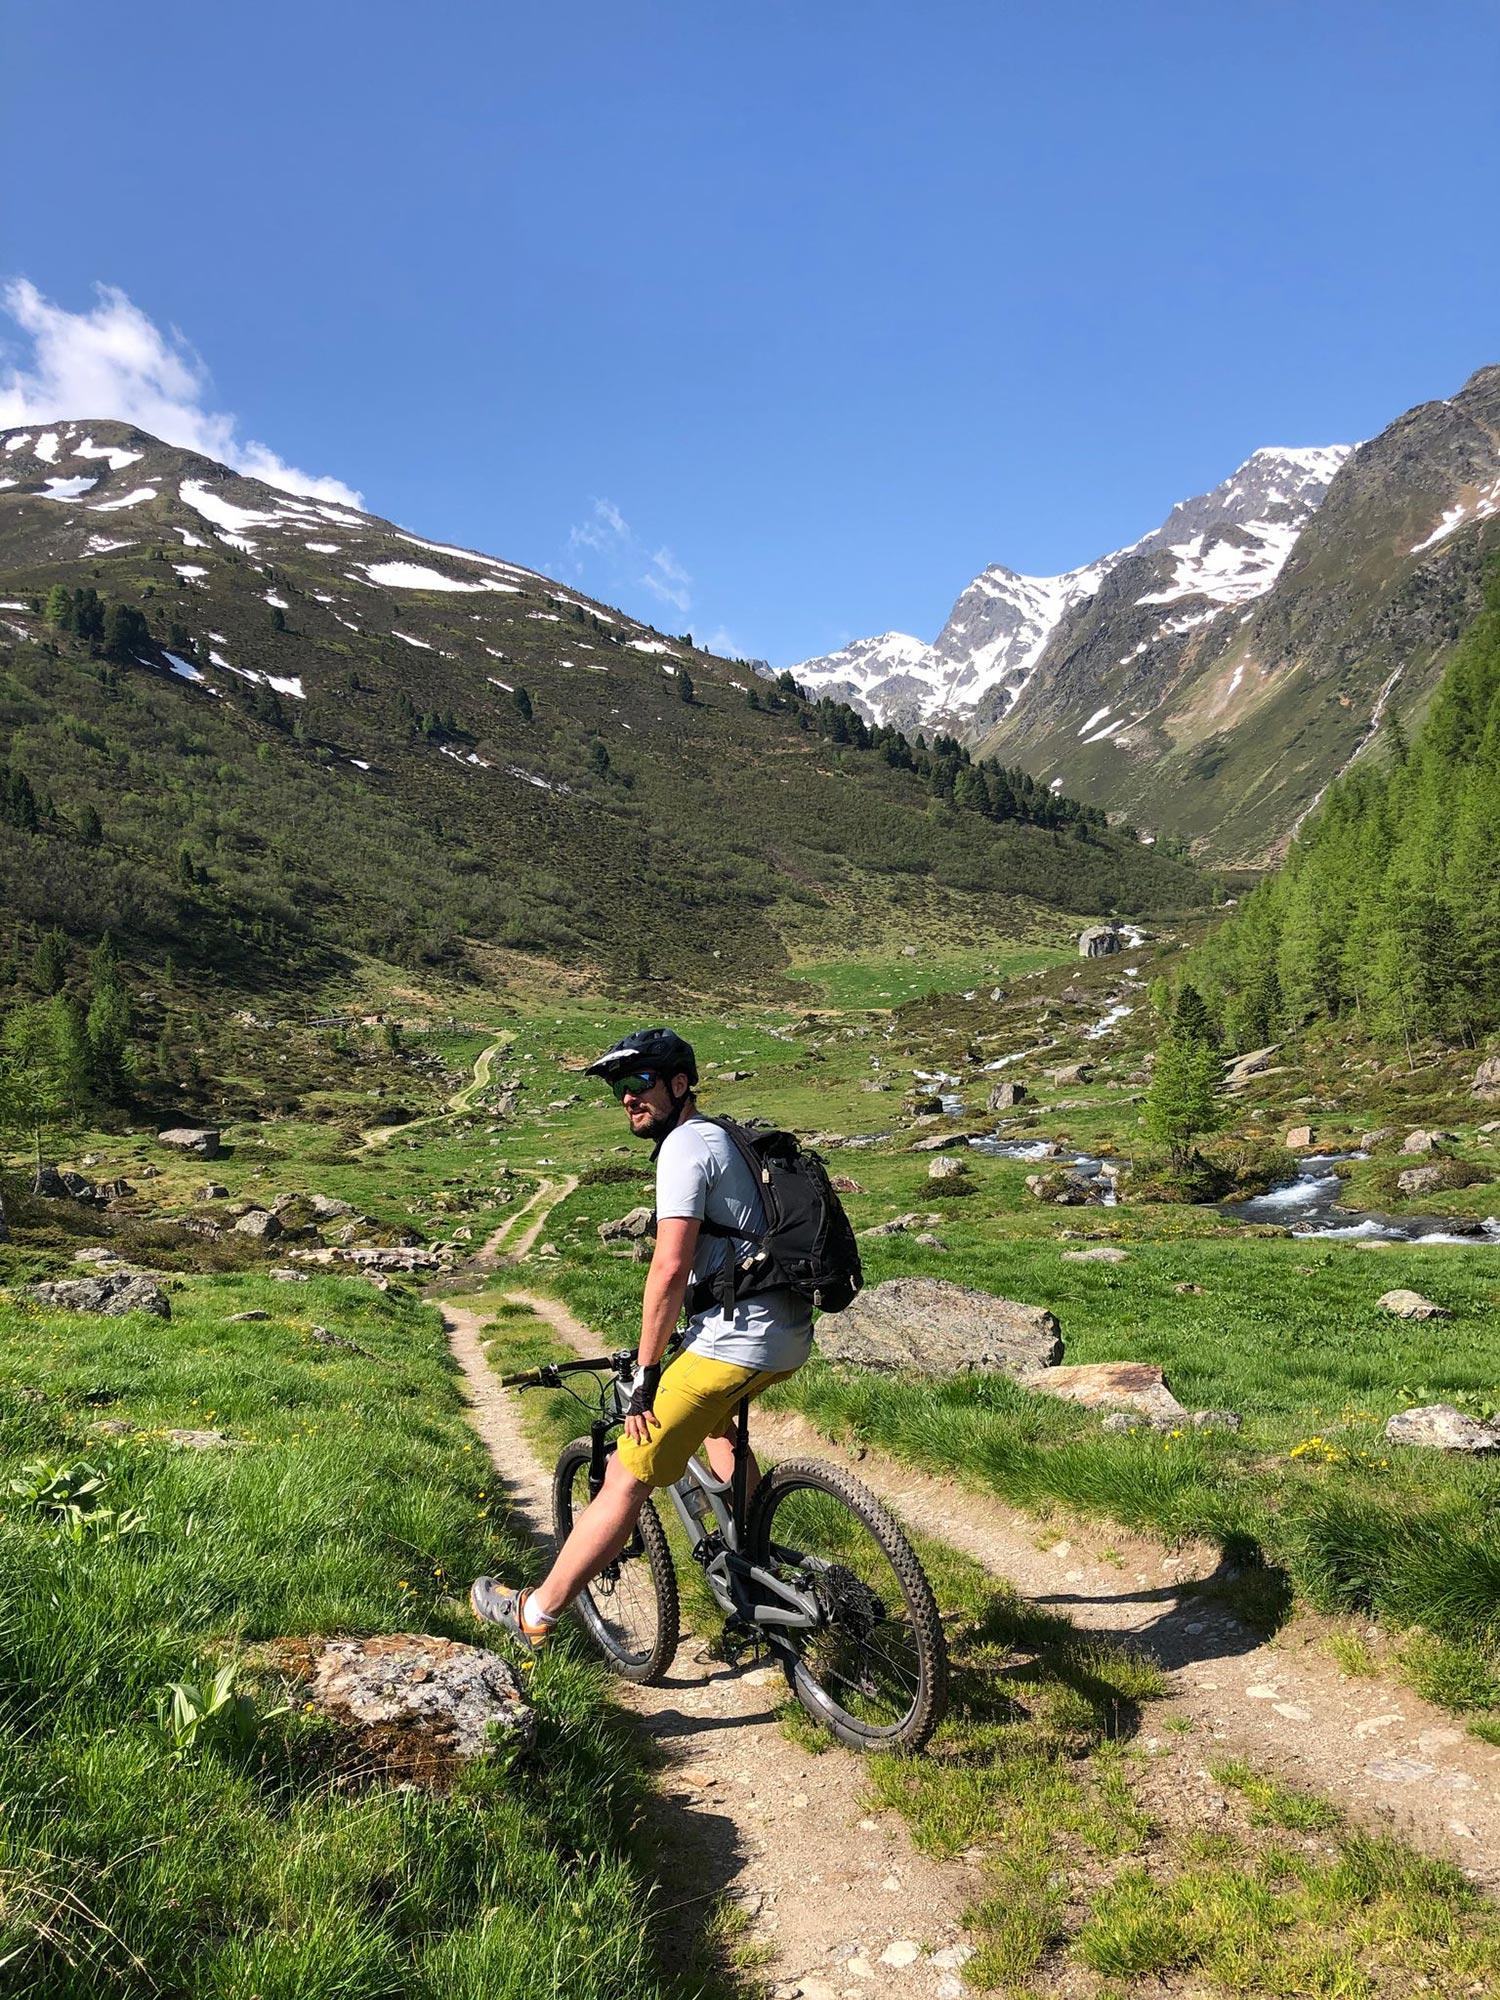 Urlaub mit Mountainbike in Tirol? Diese 5 Fragen sollen dir dabei helfen, deinen Bike Urlaub perfekt auf deine Bedürfnisse abzustimmen.